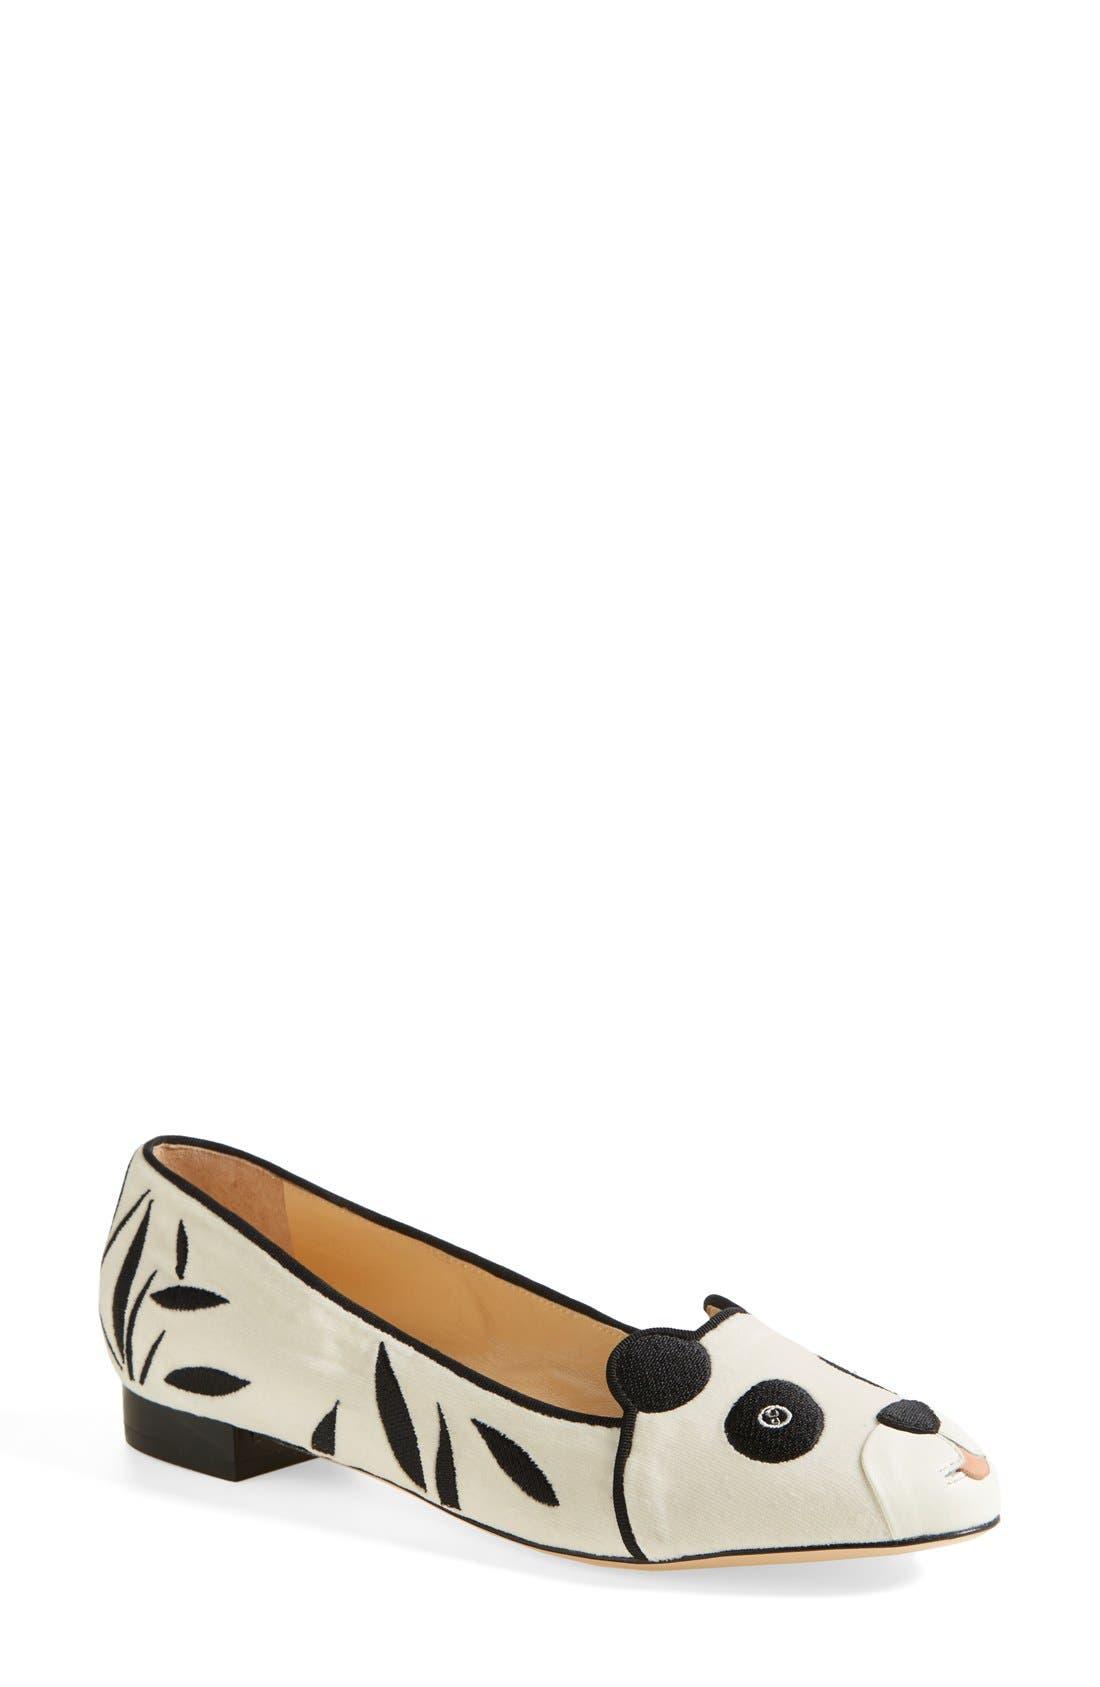 Alternate Image 1 Selected - Charlotte Olympia 'Panda' Silk Velvet & Calfskin Leather Flat (Women)